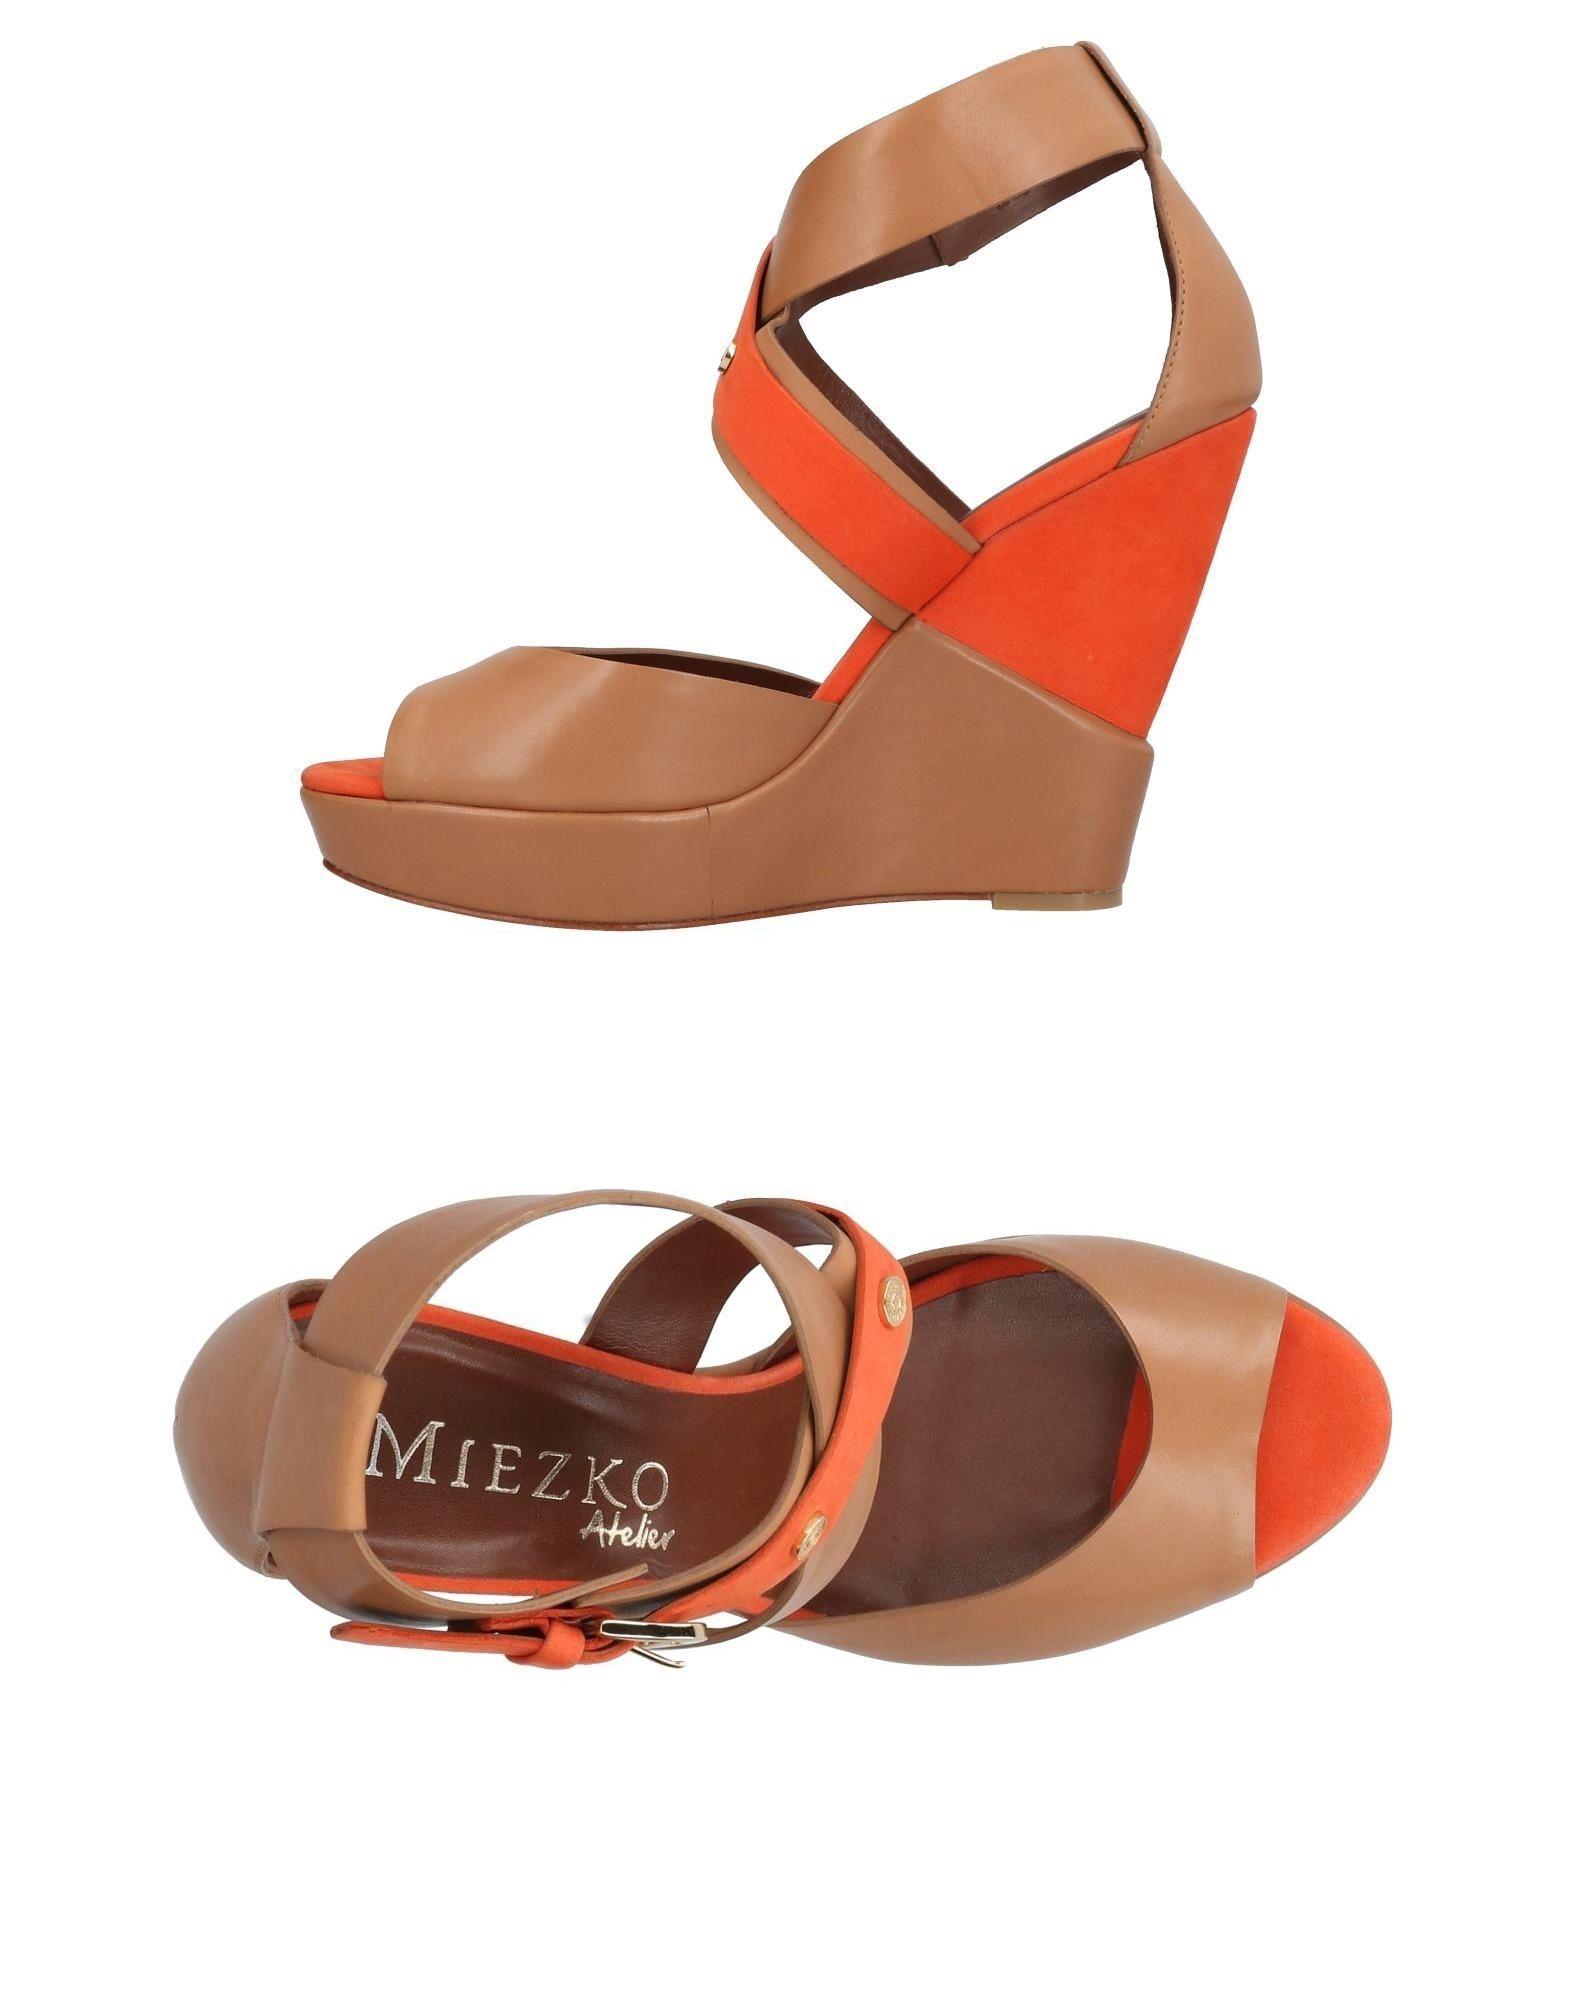 Sandales Miezko Femme - Sandales Miezko sur